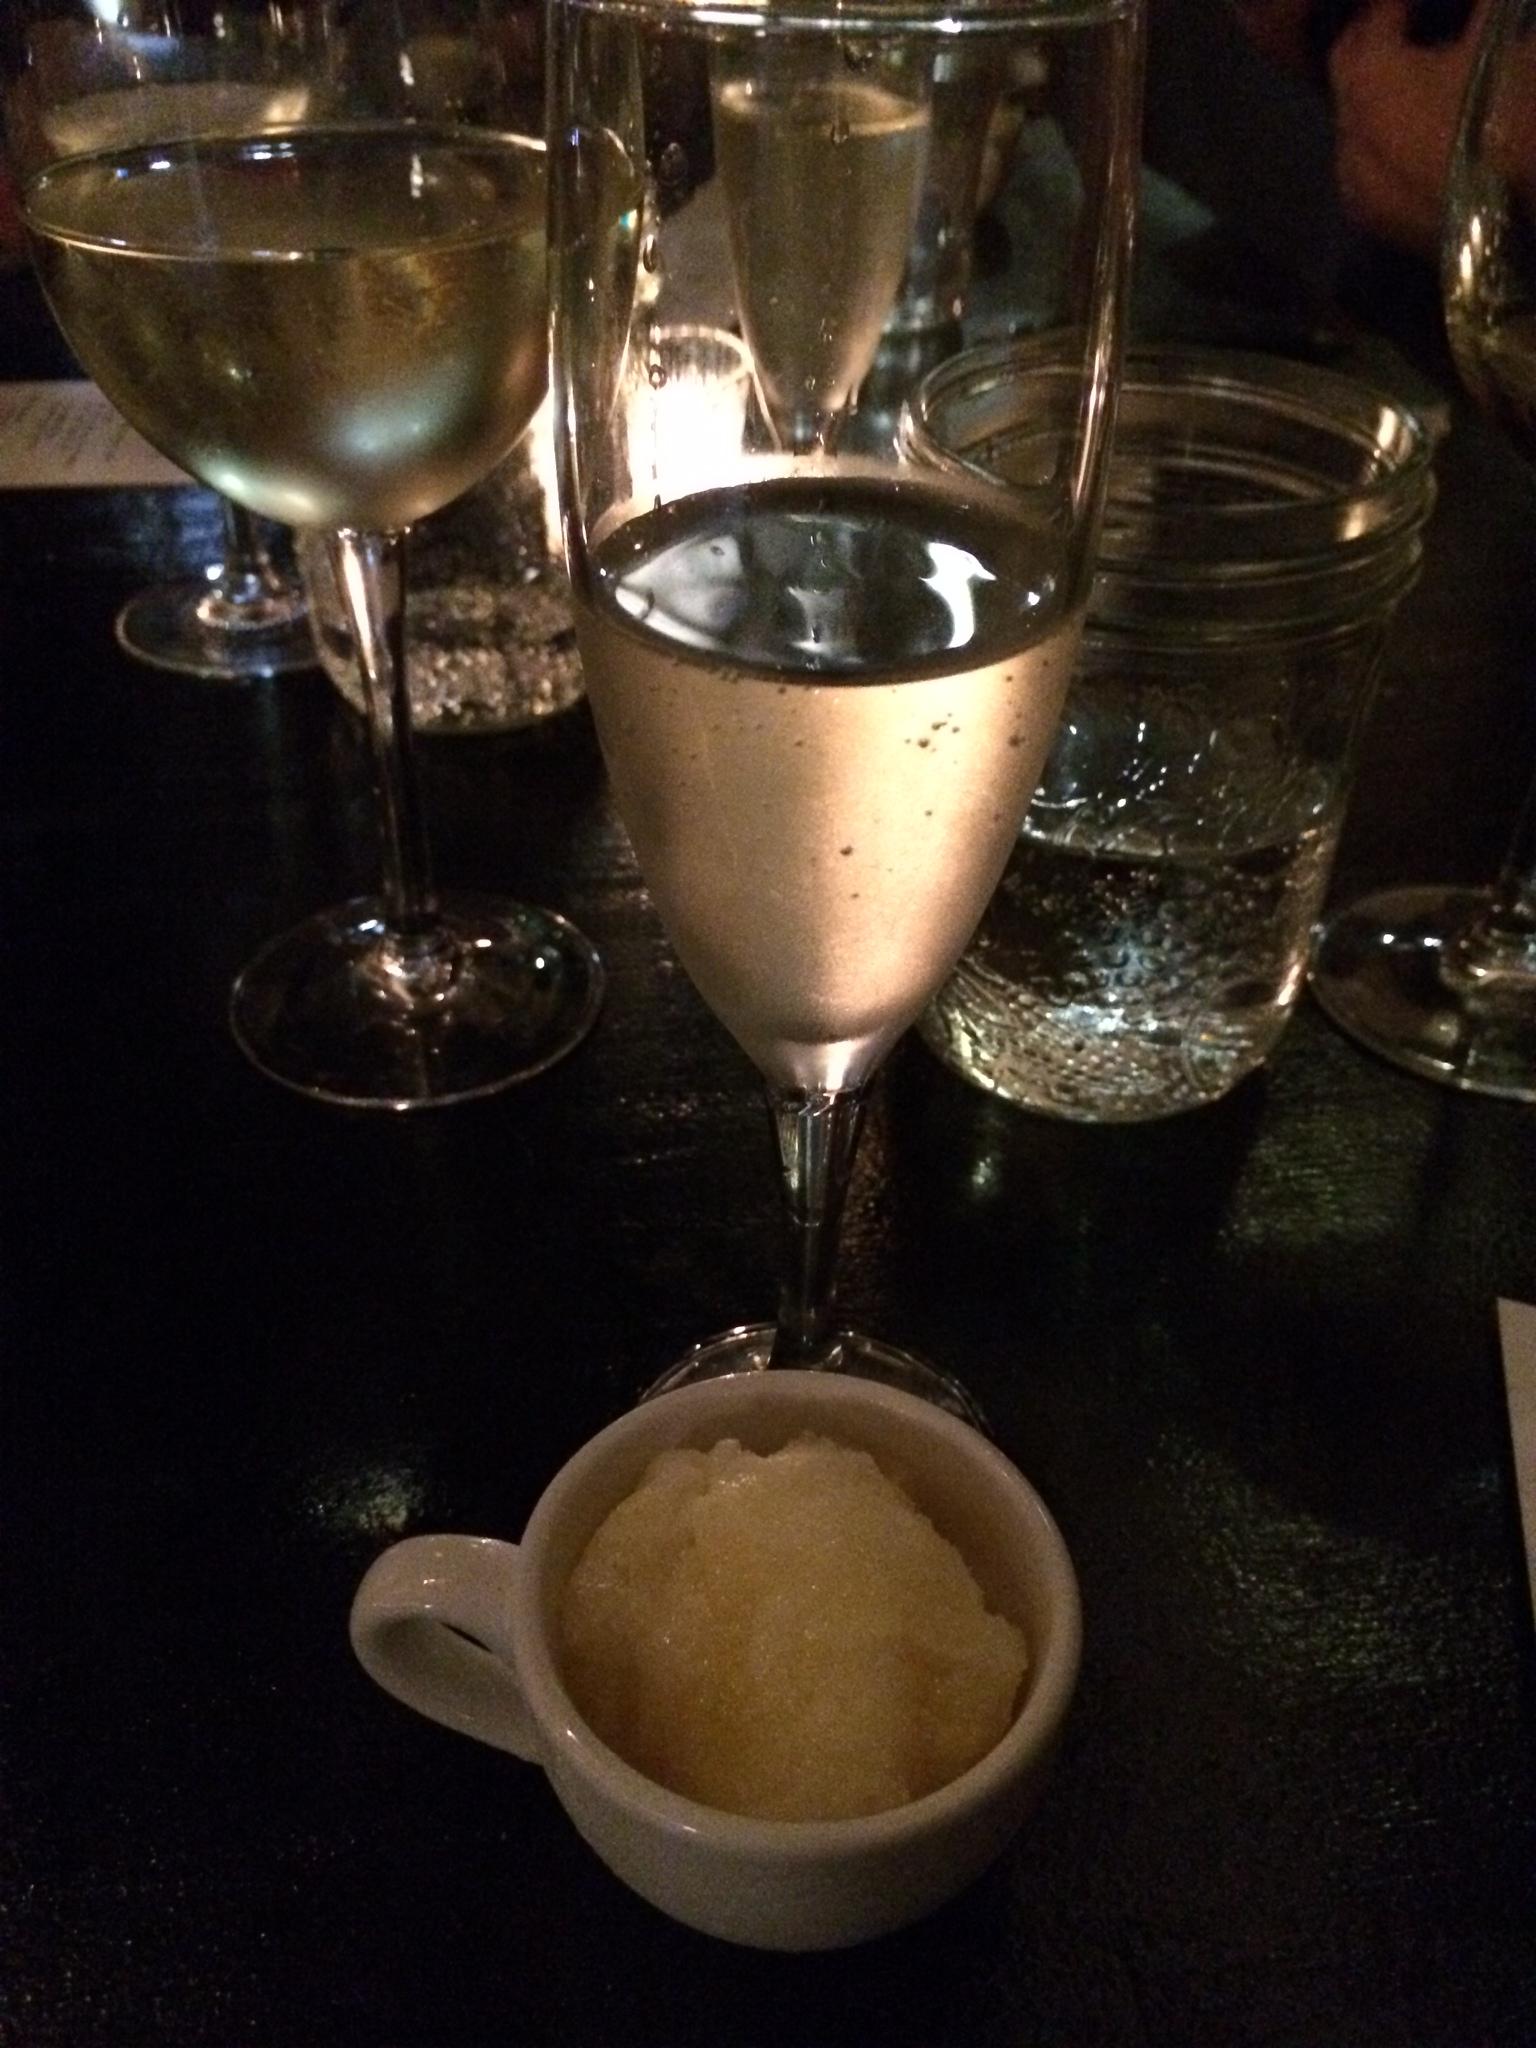 Burgundy Restaurant - Mionetto Prosecco and Orange Galliano Sorbet